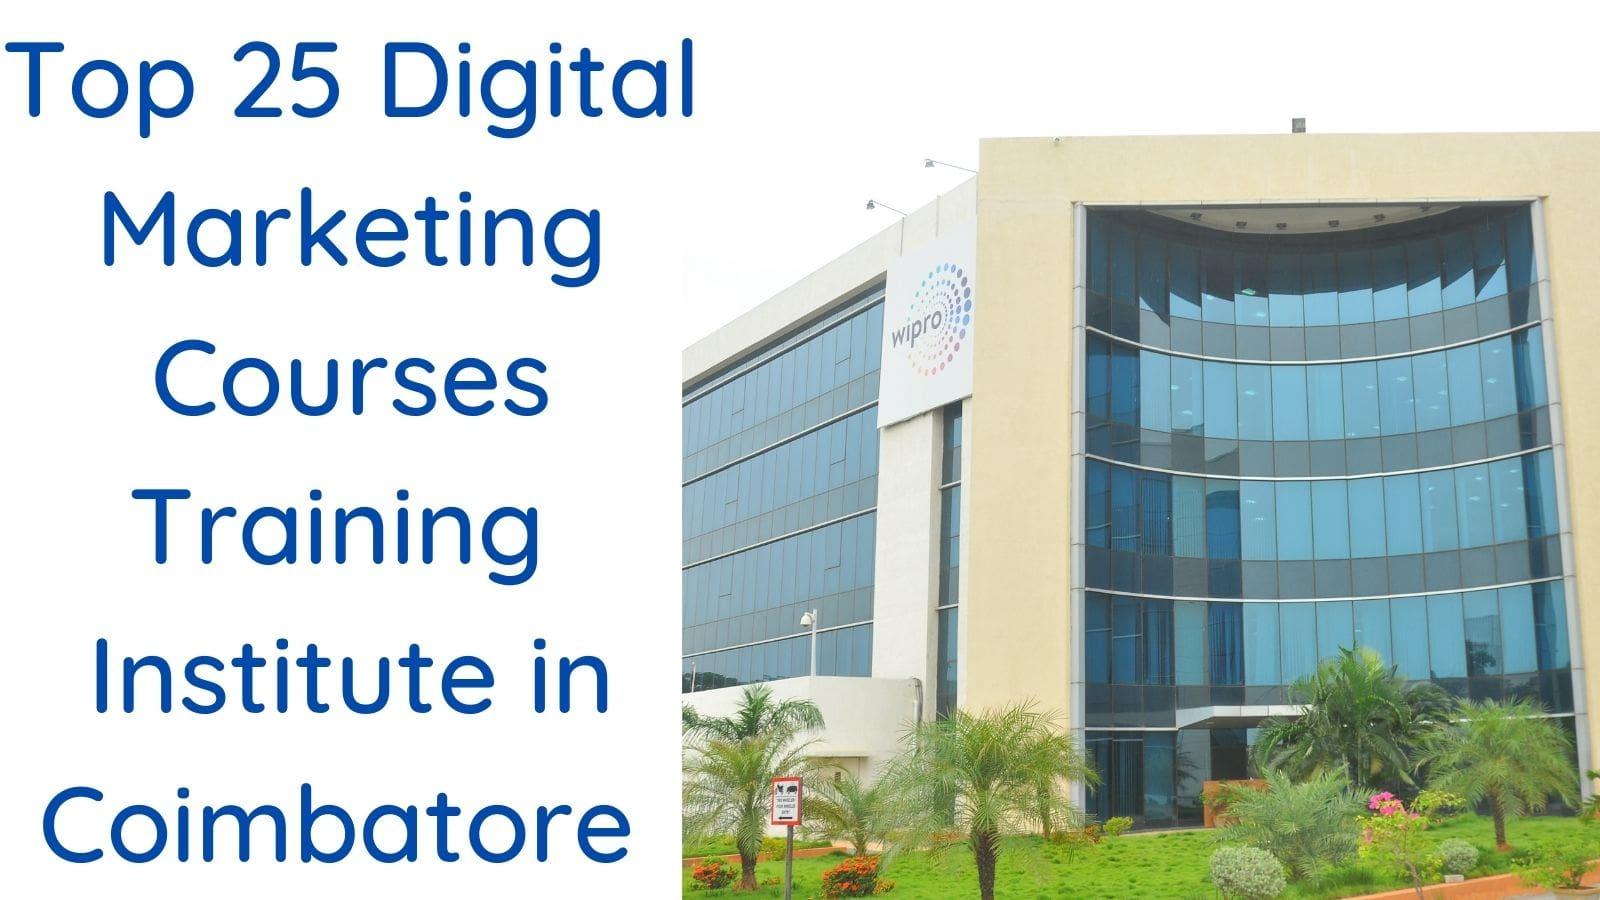 Top 25 Digital Marketing Courses Training Institute in Coimbatore